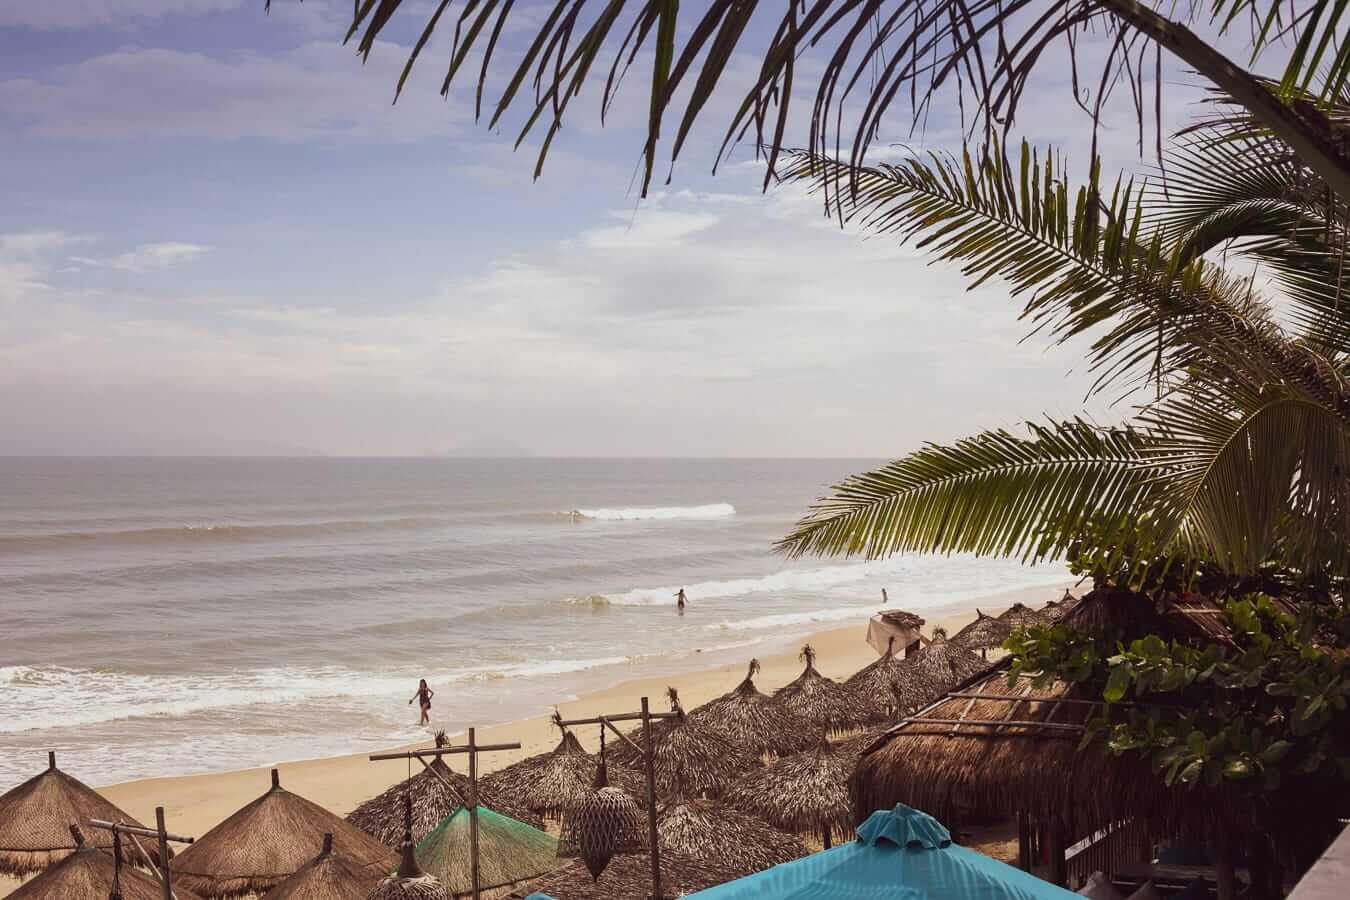 An Bang Beach: Where to stay in Hoi An